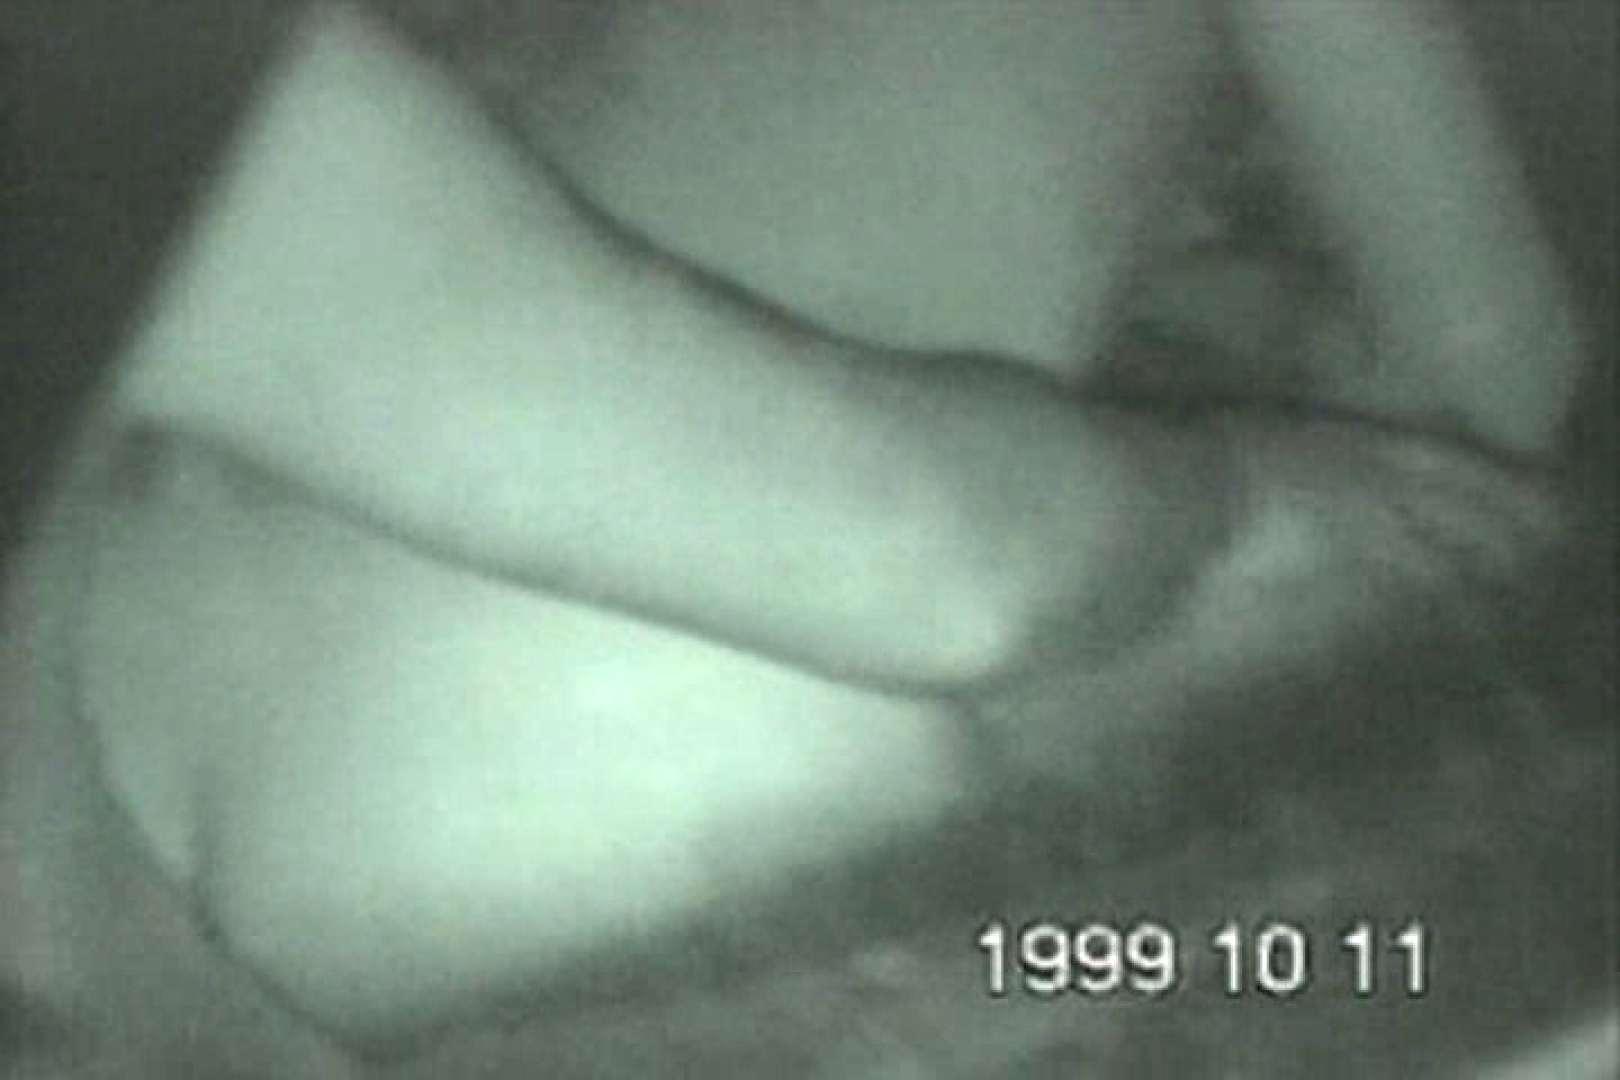 蔵出し!!赤外線カーセックスVol.2 OLセックス   セックス  93画像 86